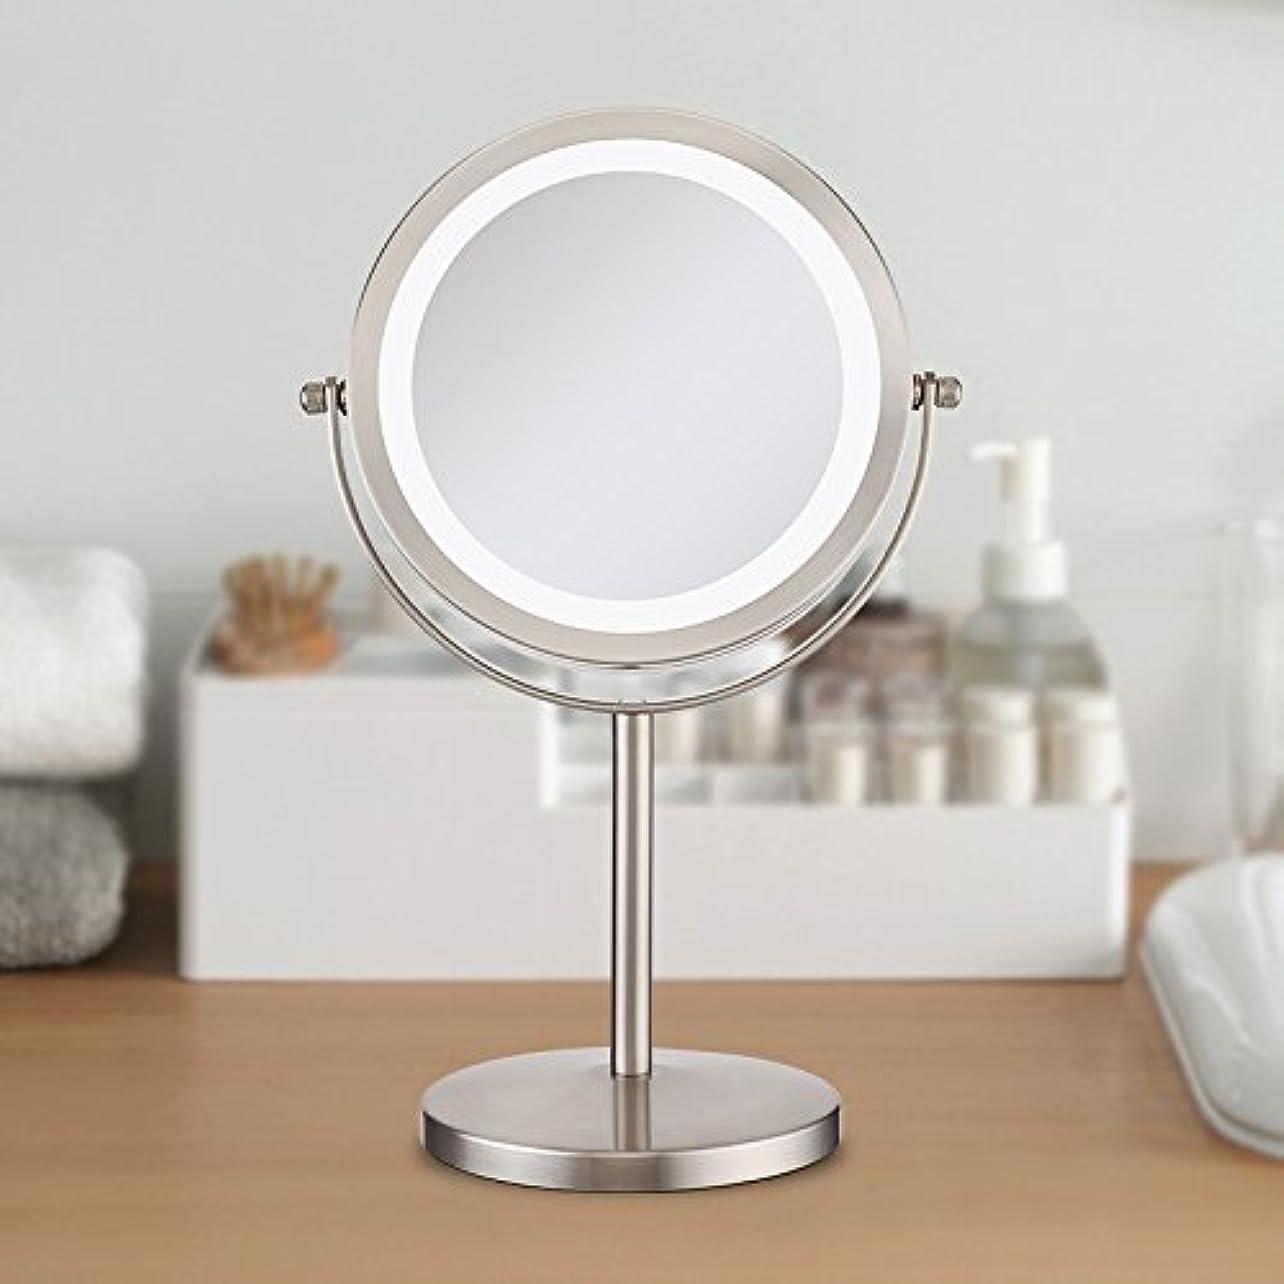 命令的明日同級生(セーディコ)Cerdeco 真実の北欧風卓上鏡DX LEDライト付き 10倍拡大率 両面化粧鏡 真実の鏡DX スタンドミラー 鏡面φ178mm D710N